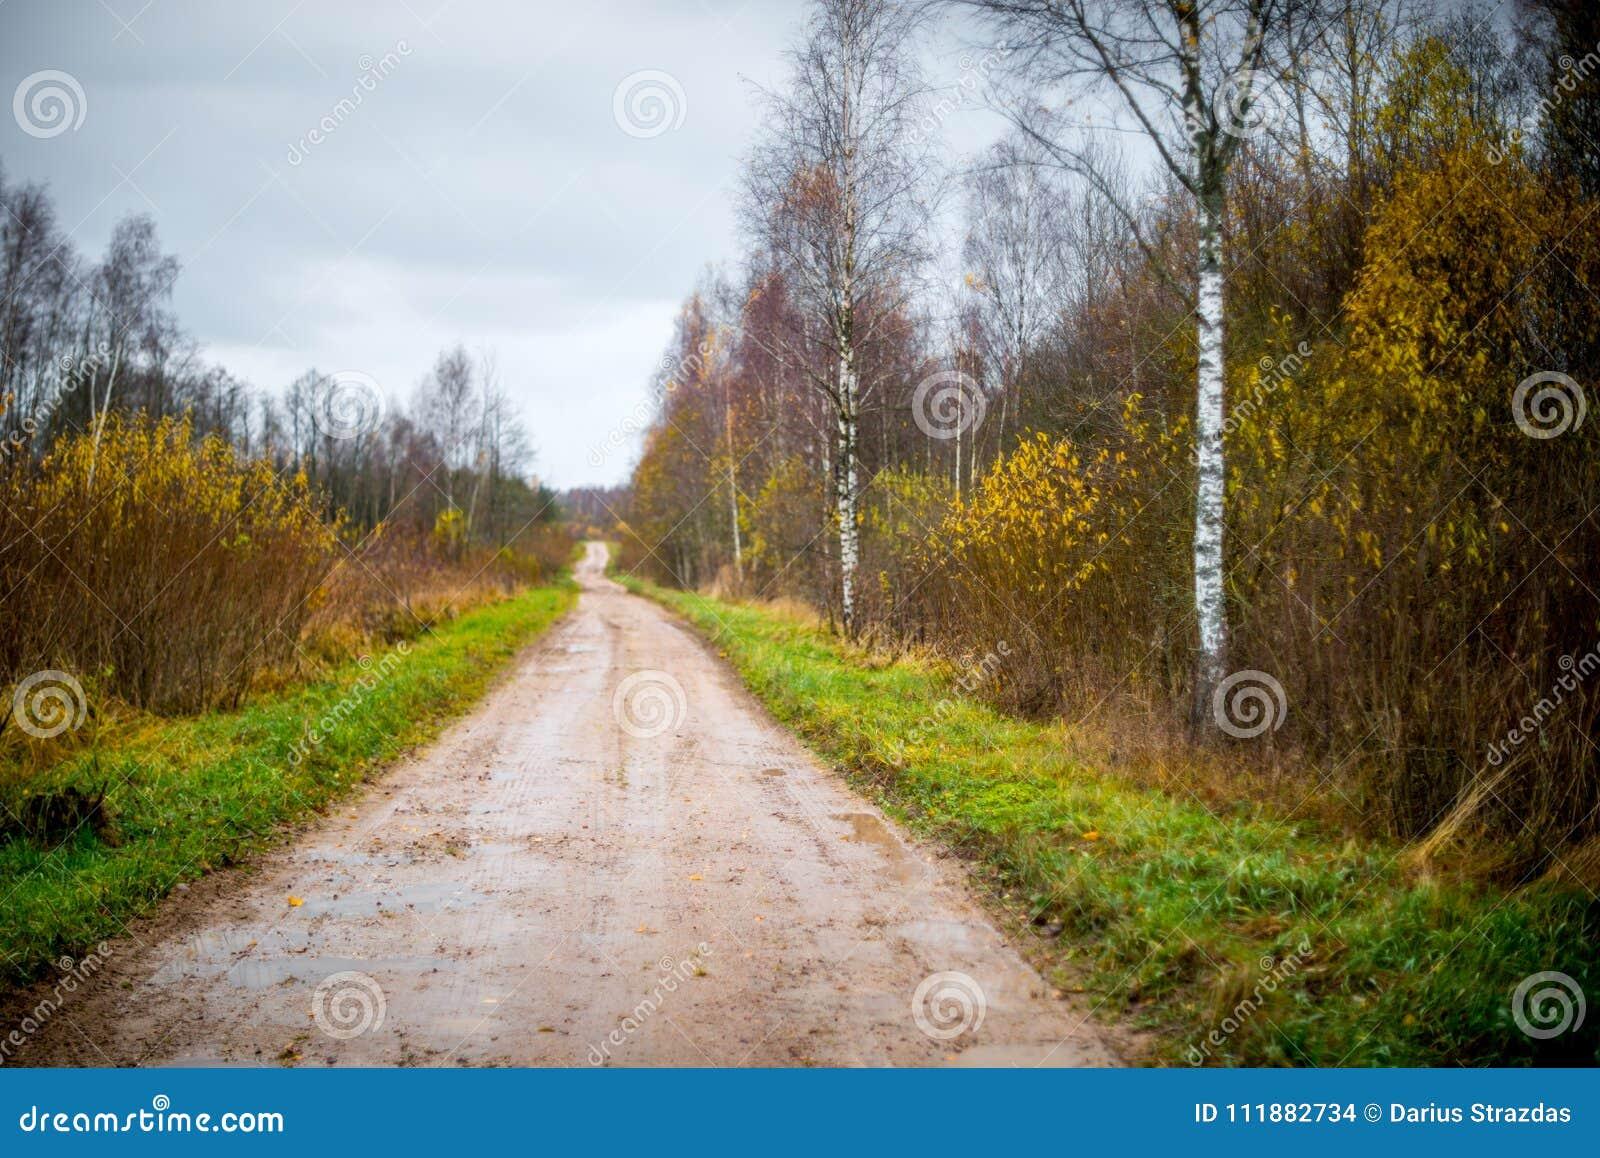 Estrada de floresta na queda atrasada